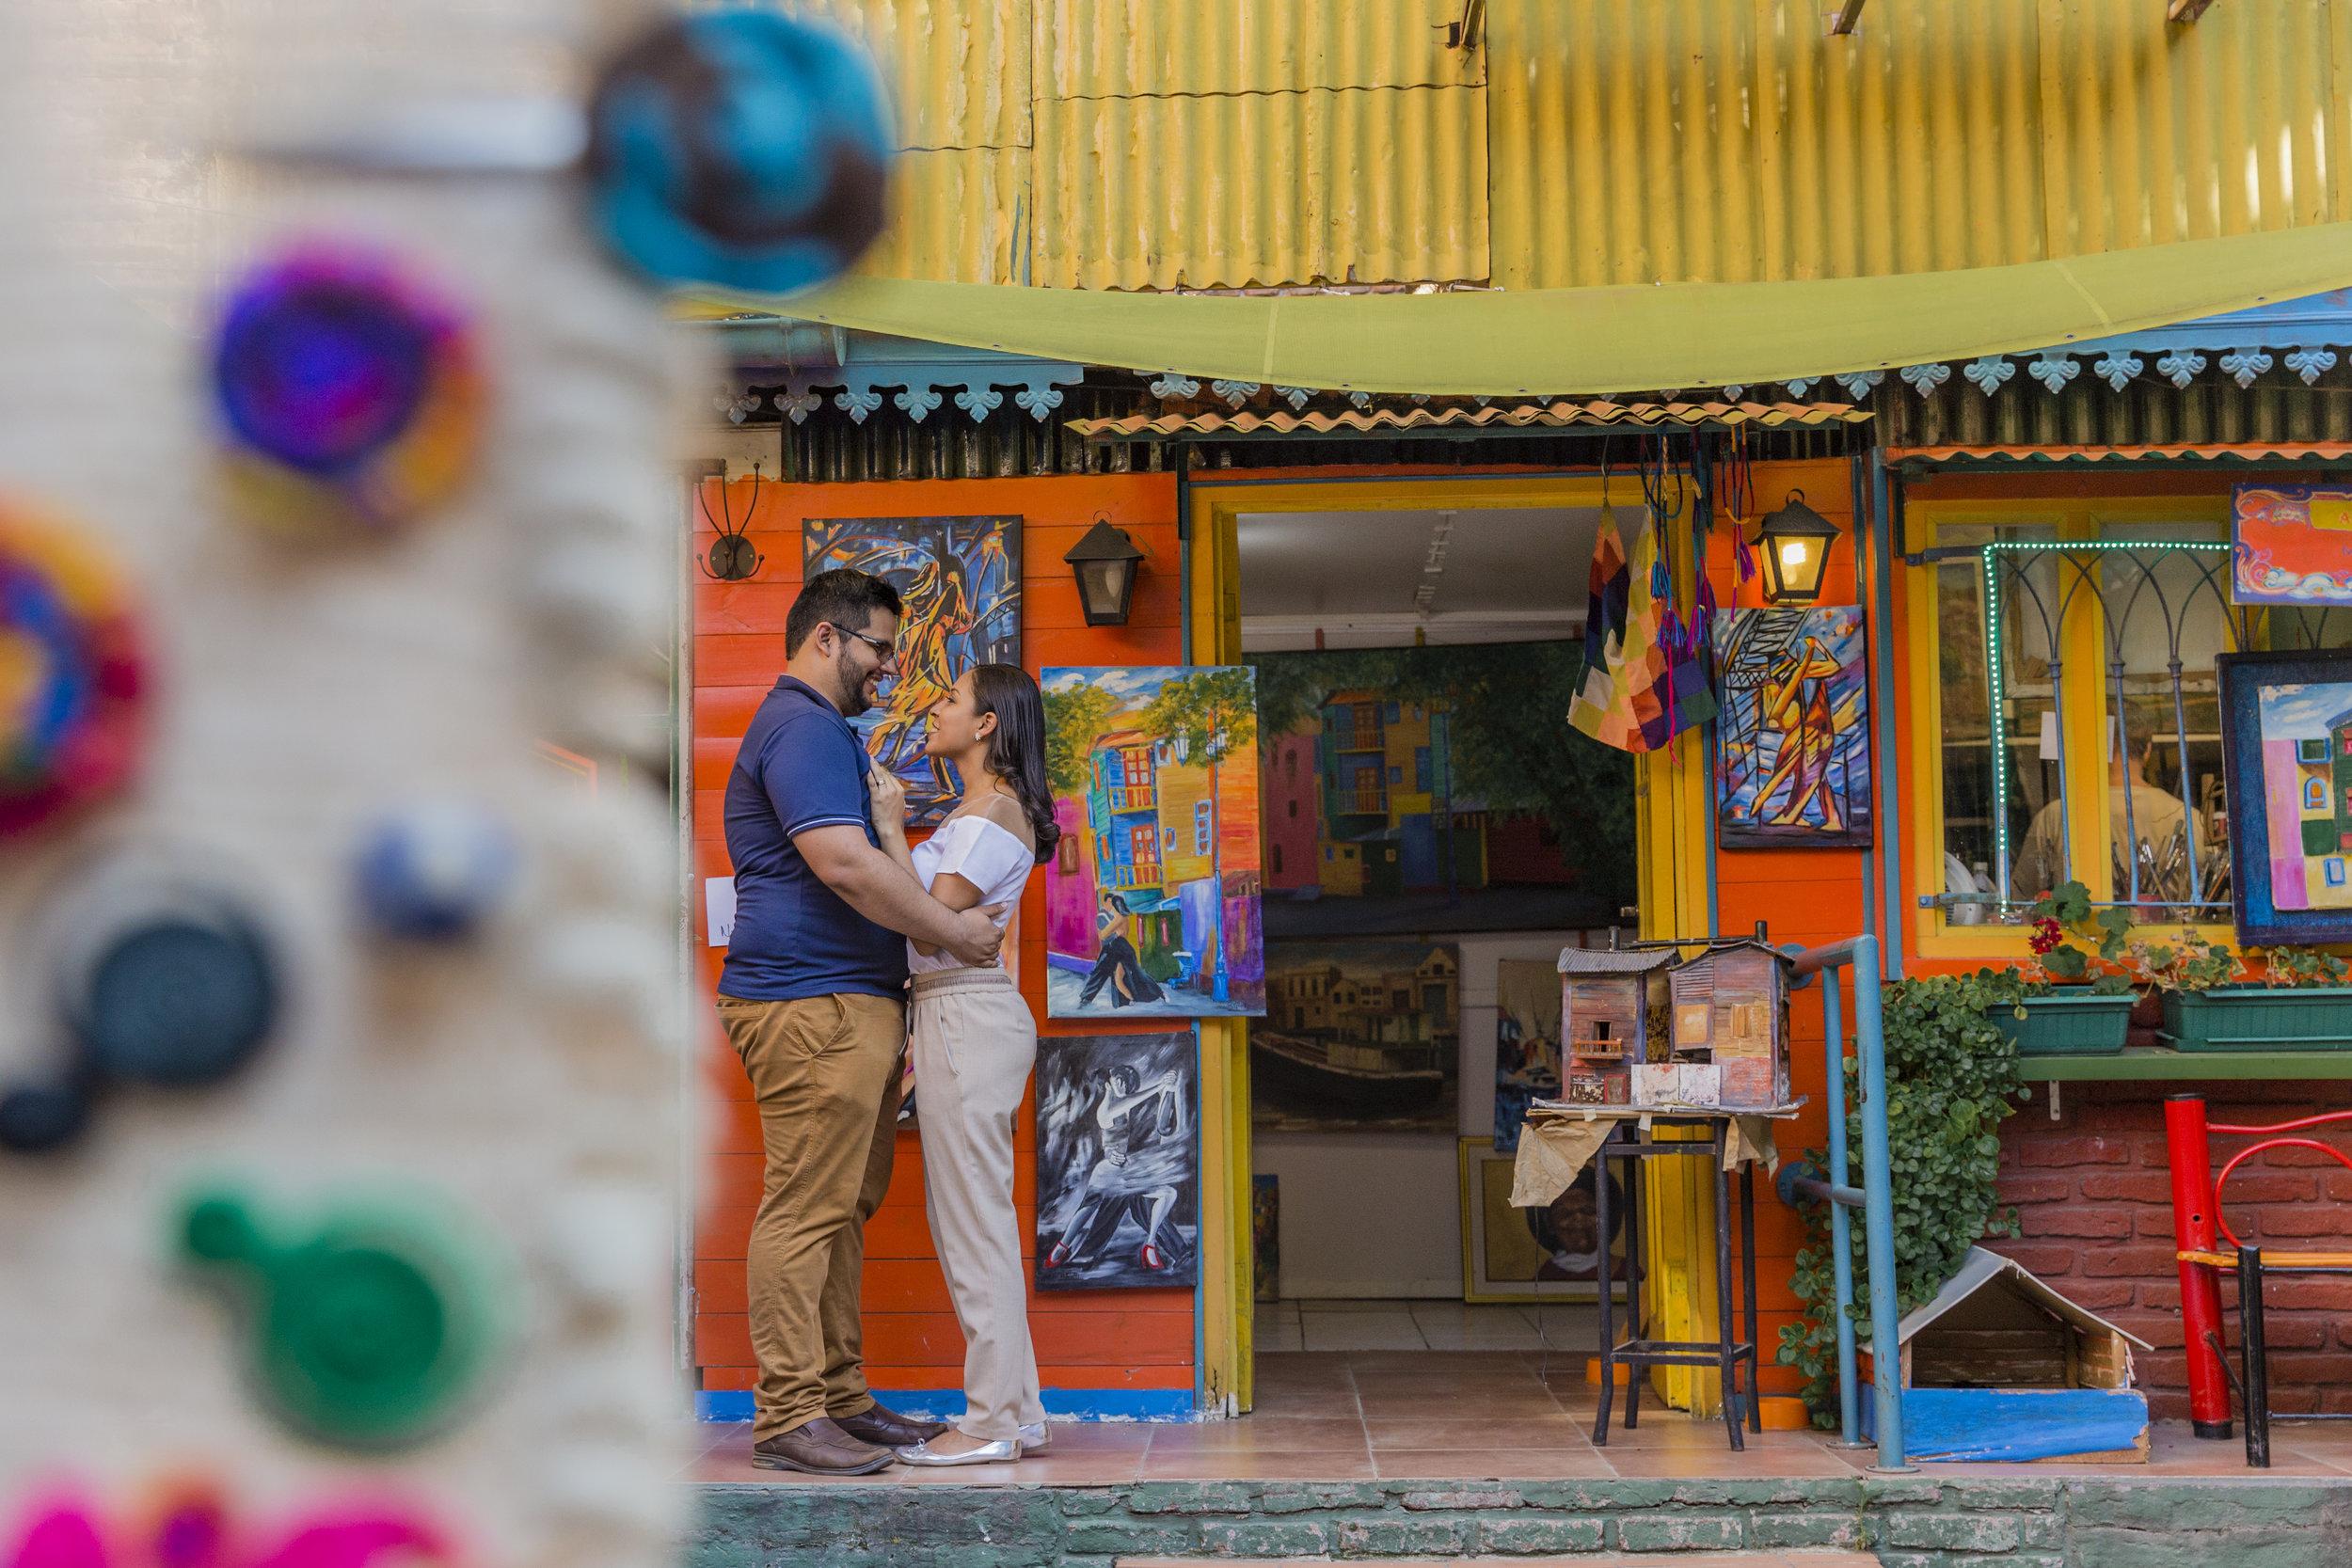 fotografo-brasileiro-em-buenos-aires-5915.jpg